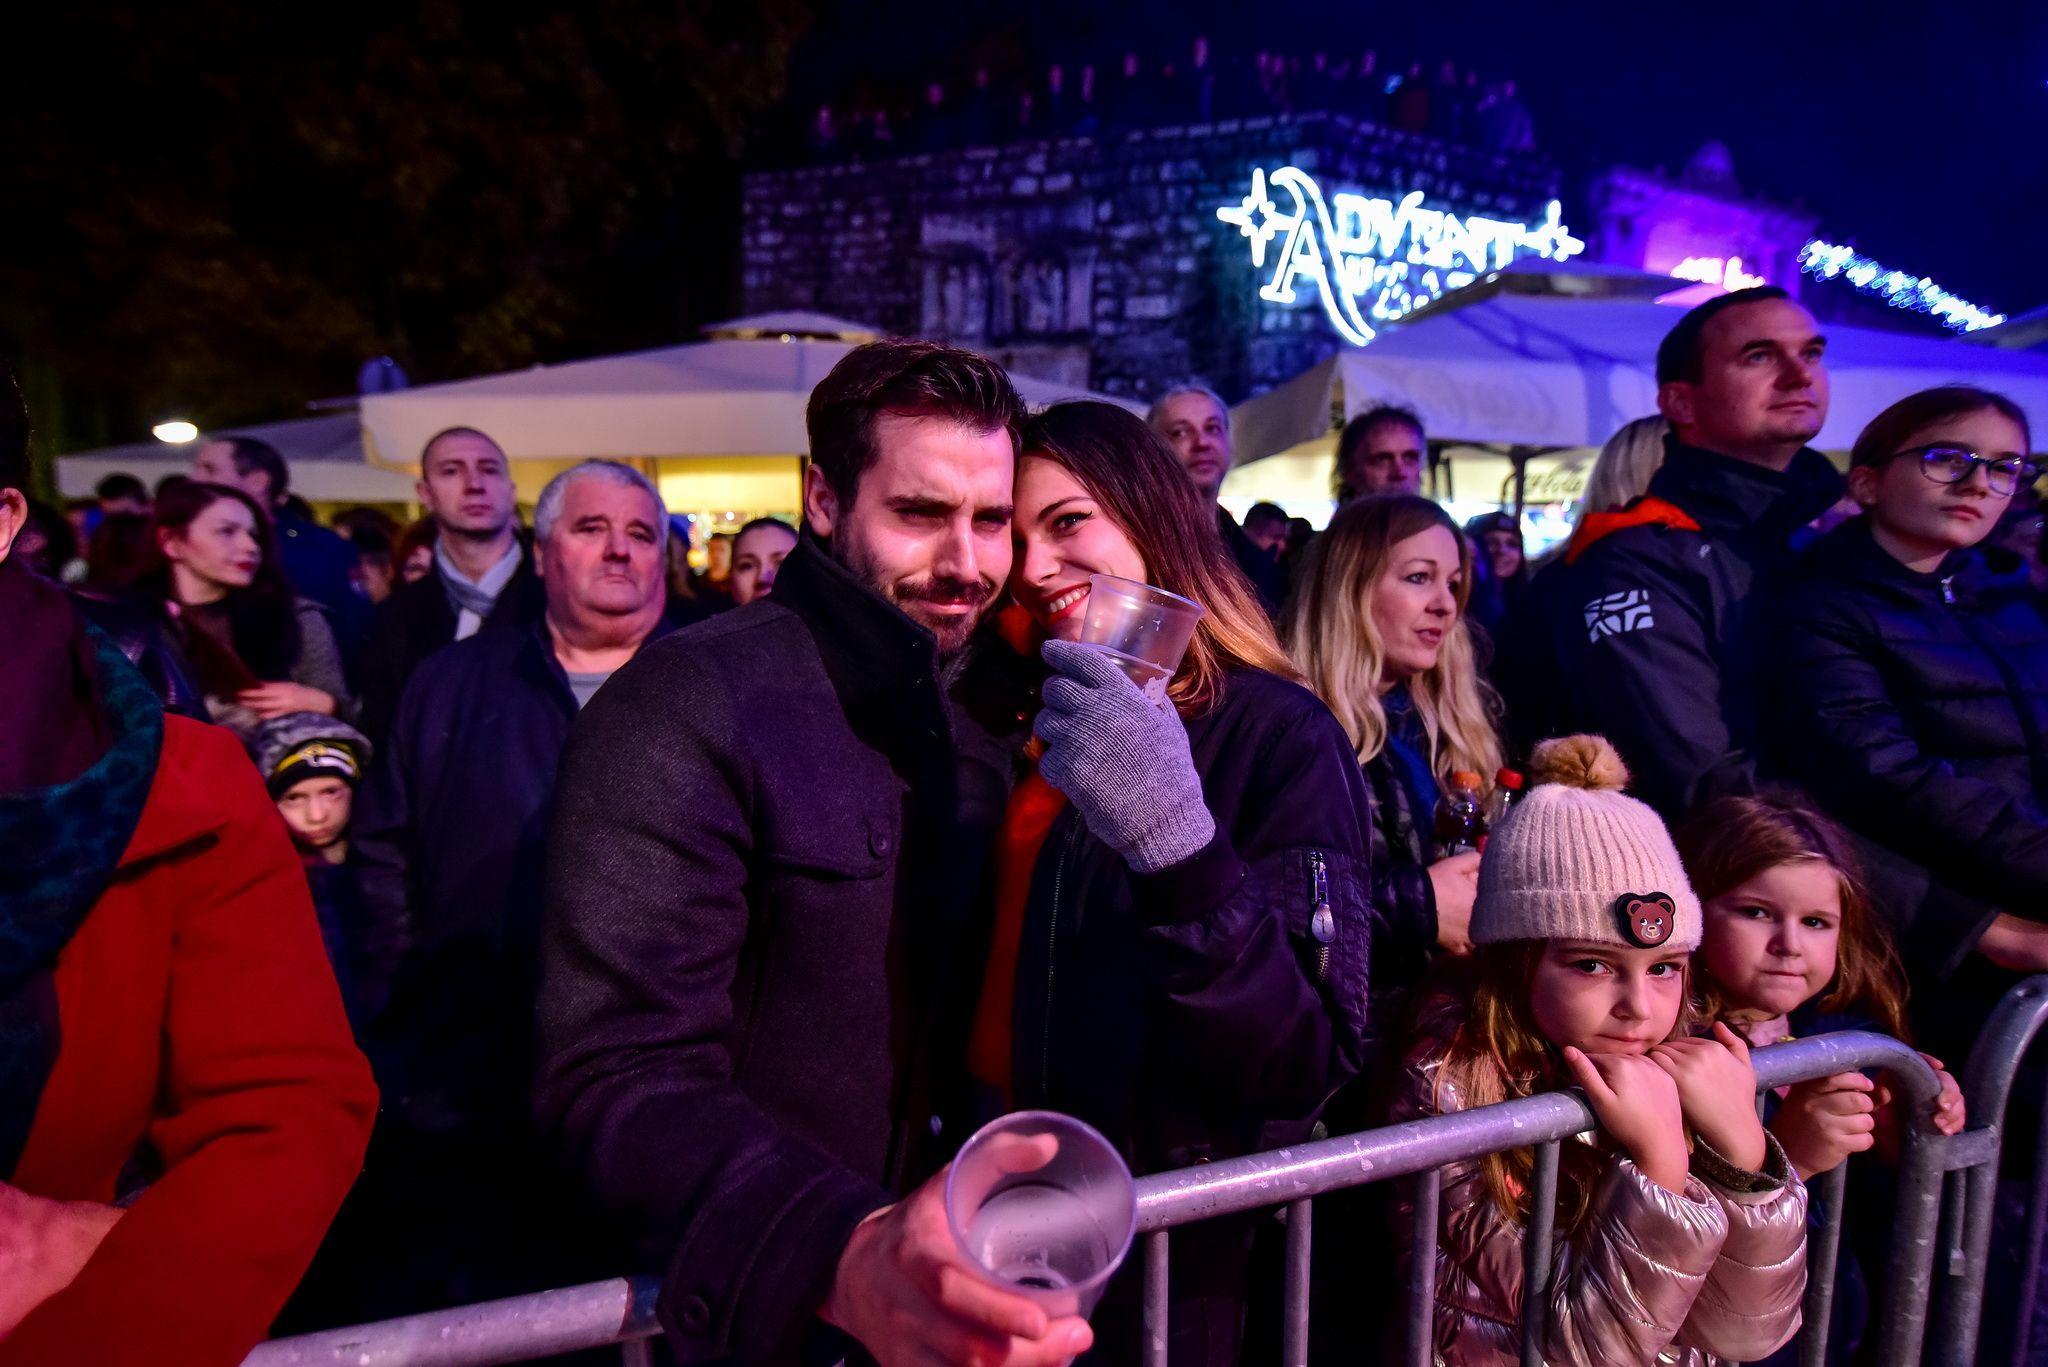 027 Advent u Zadru Opća opasnost 07.12.2019, foto Iva Perinčić 18 (1)